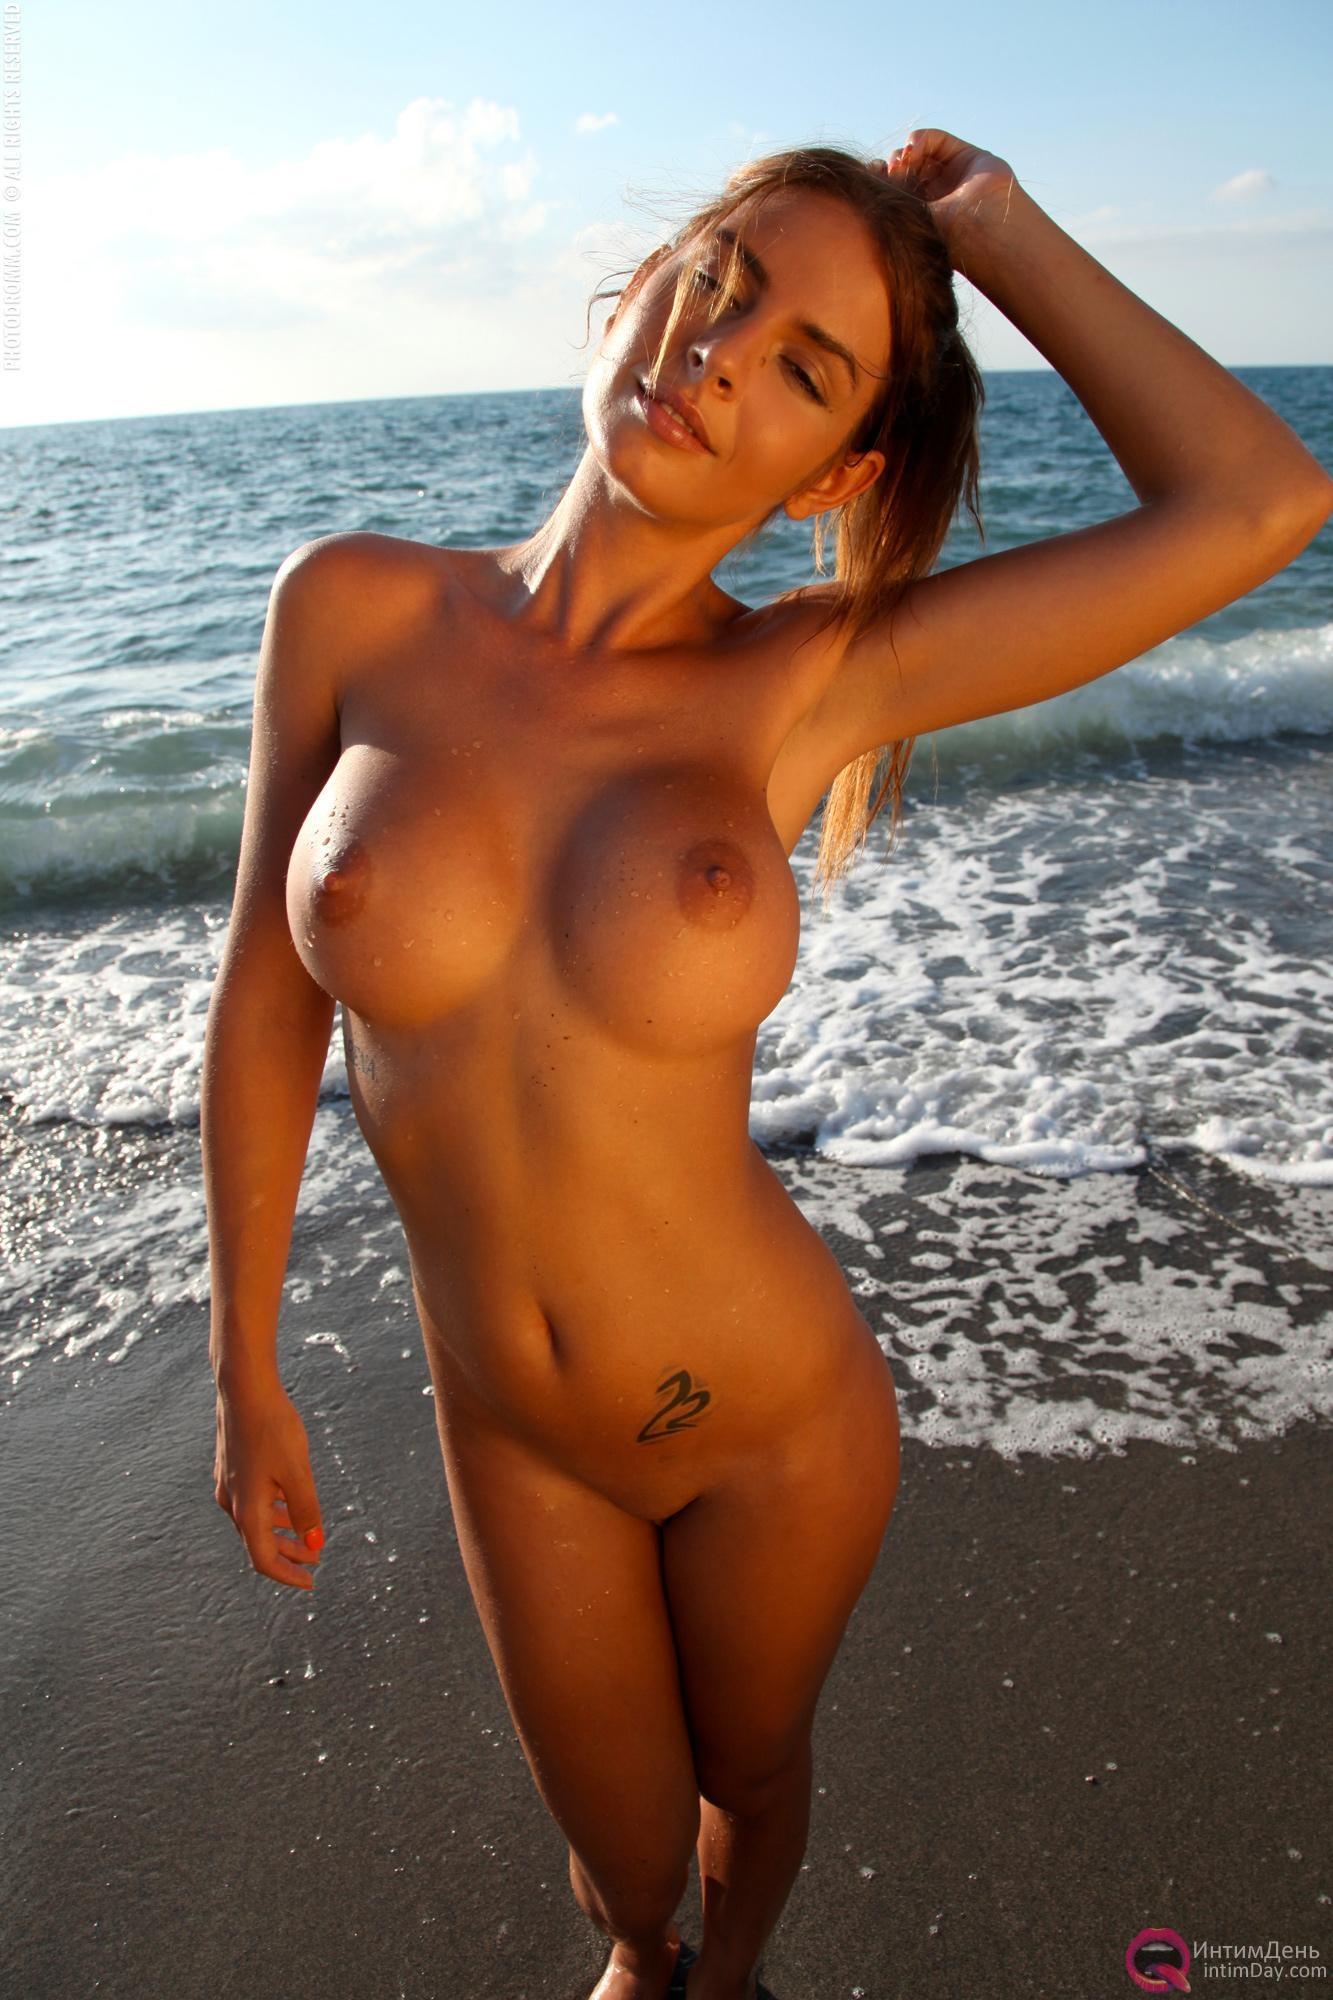 Секс с проститутками смотреть онлайн бесплатно 27 фотография